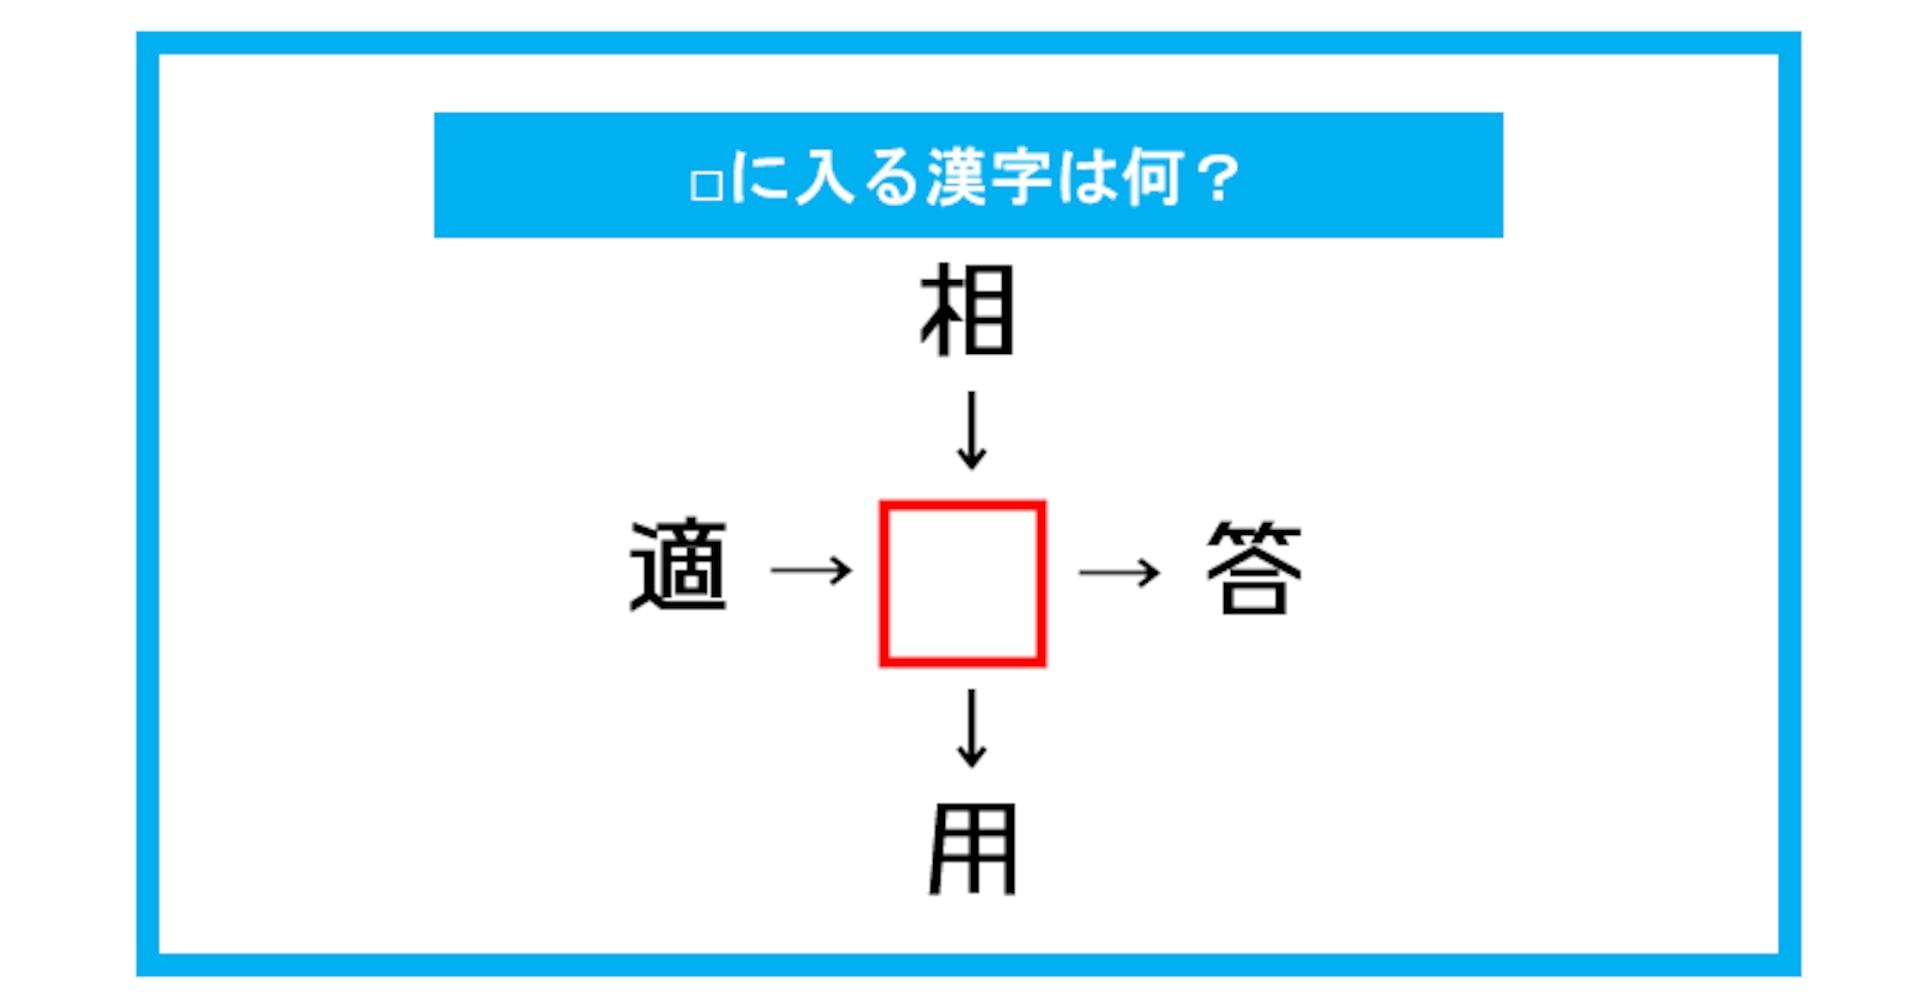 【漢字穴埋めクイズ】□に入る漢字は何?(第270問)